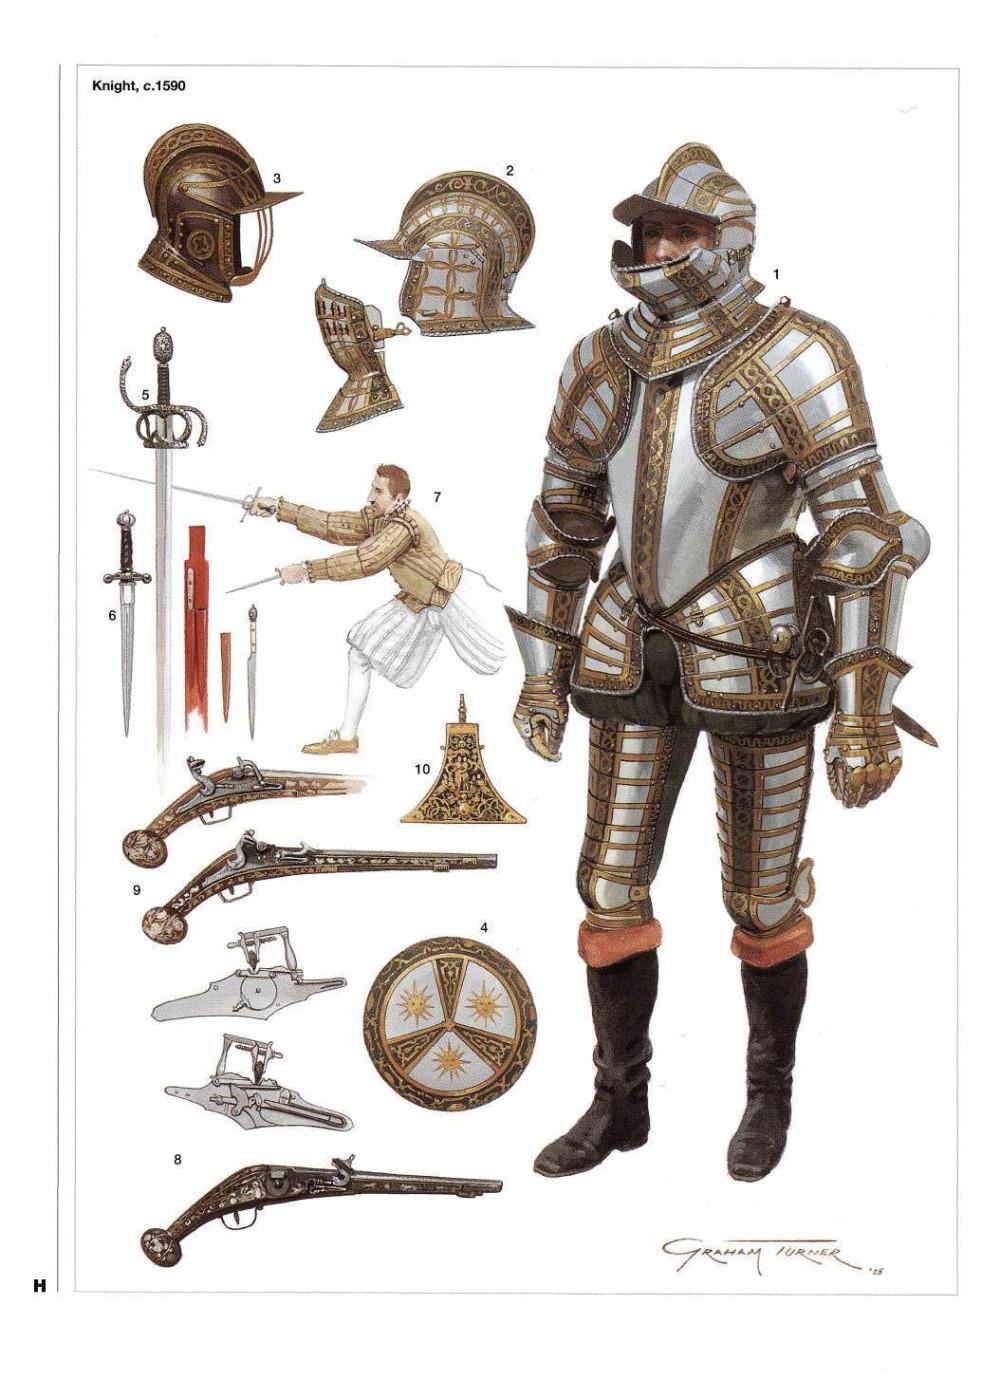 晚期英国都铎骑士,已经采用了更简单的四分之三甲